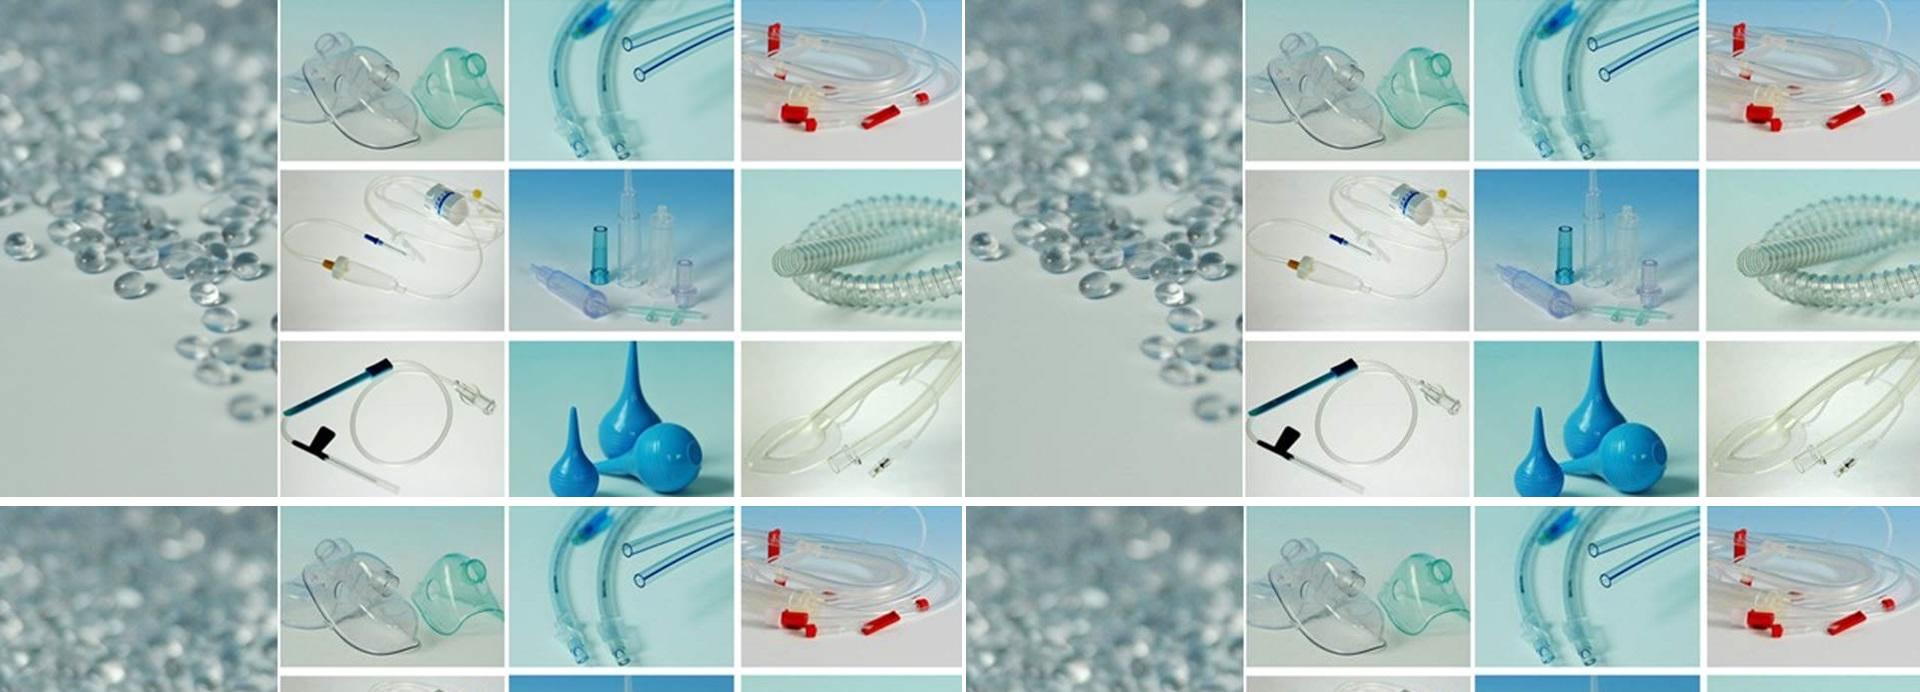 PVC for Medical